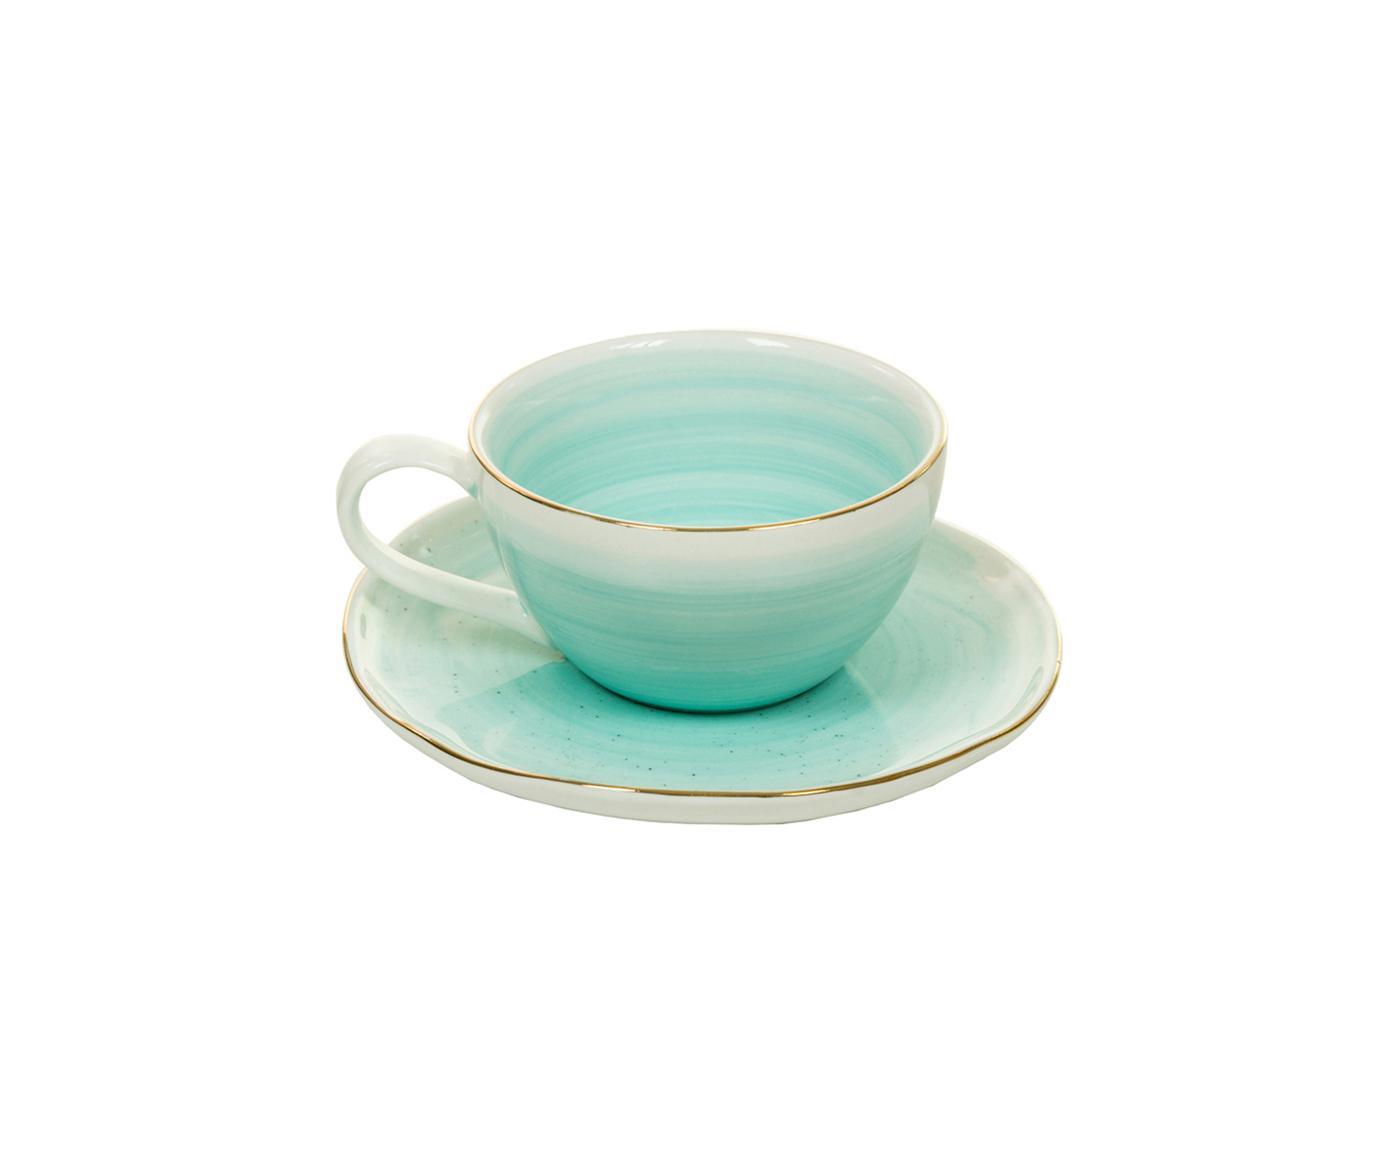 Set de tazas espresso Bol, 4pzas., Porcelana, Azul turquesa, Ø 9 x Al 5 cm